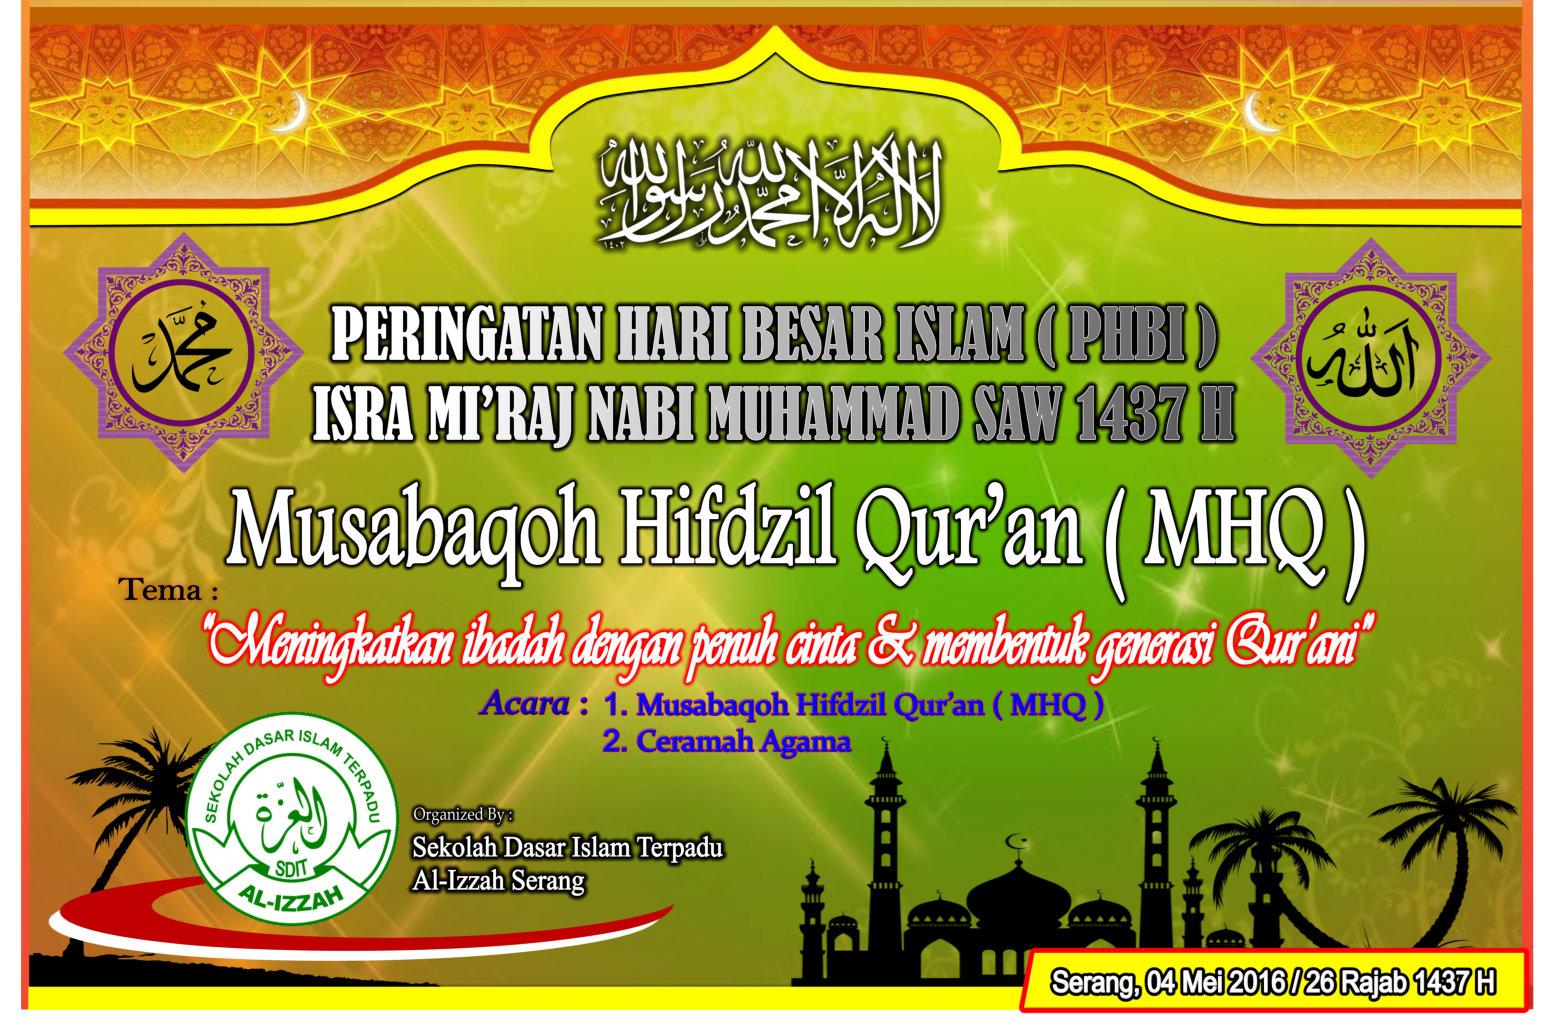 Spanduk Yang Pernah Dibuat Oleh Orang Orang Untuk Acara Peristiwa Isra Miraj Nabi Muhammad Saw Silakan Anda Lihat Sebagai Referensi Untuk Spanduk Yang